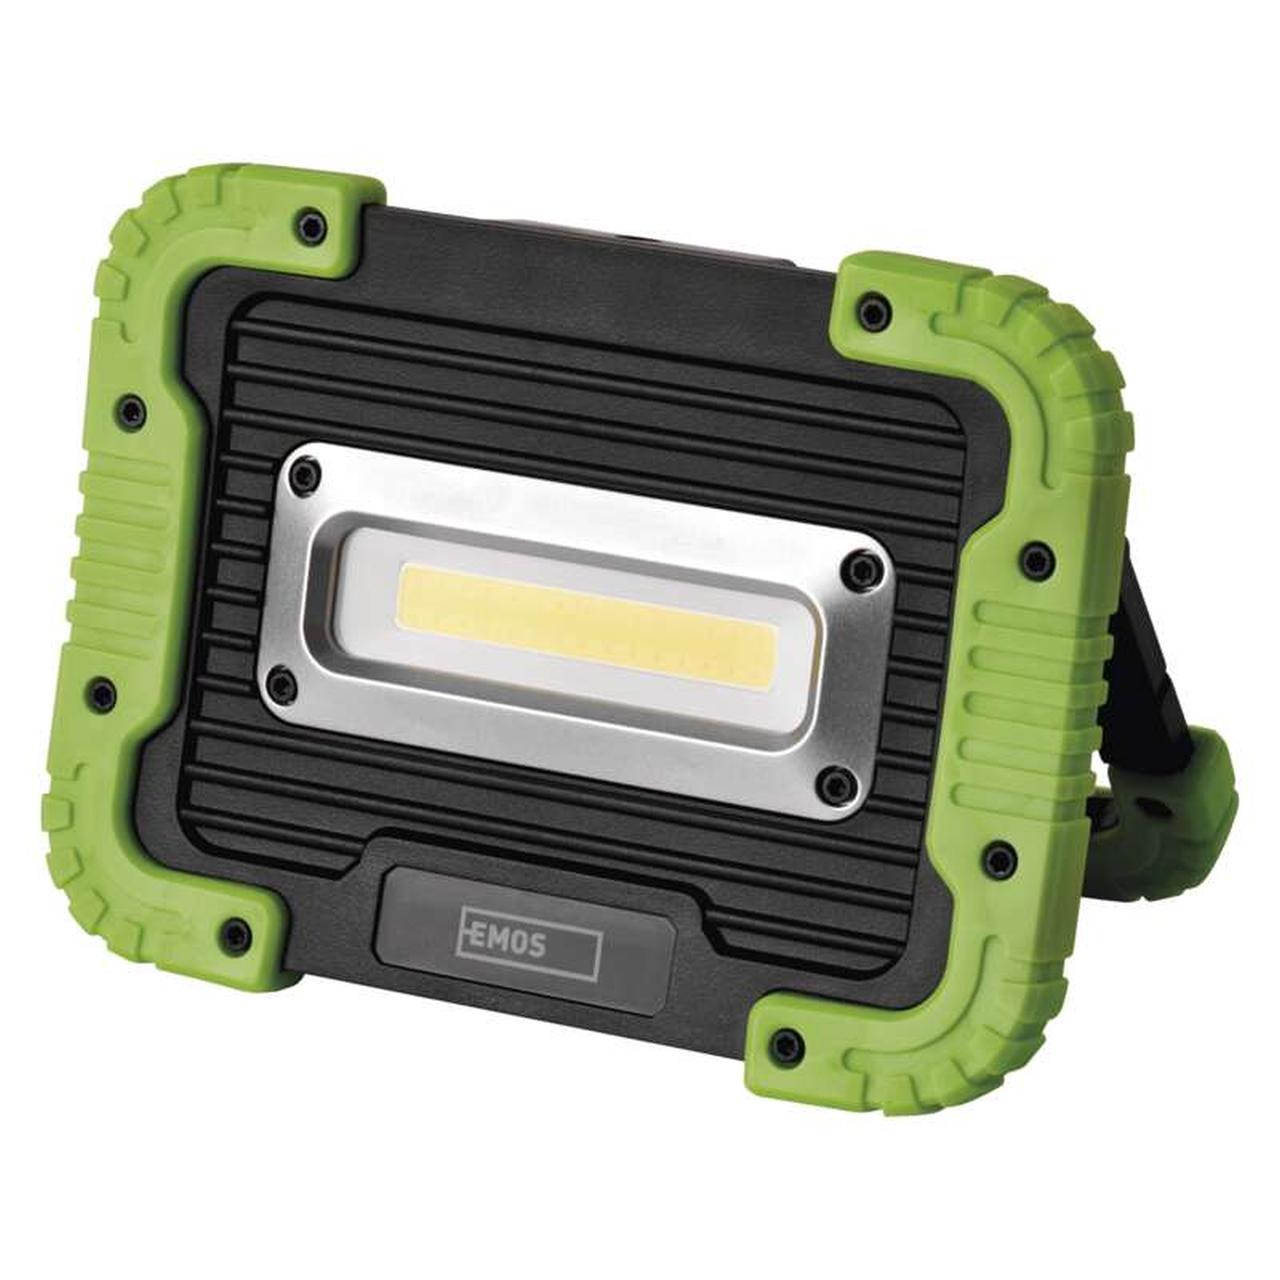 EMOS Nabíjací LED reflektor 10W P4533